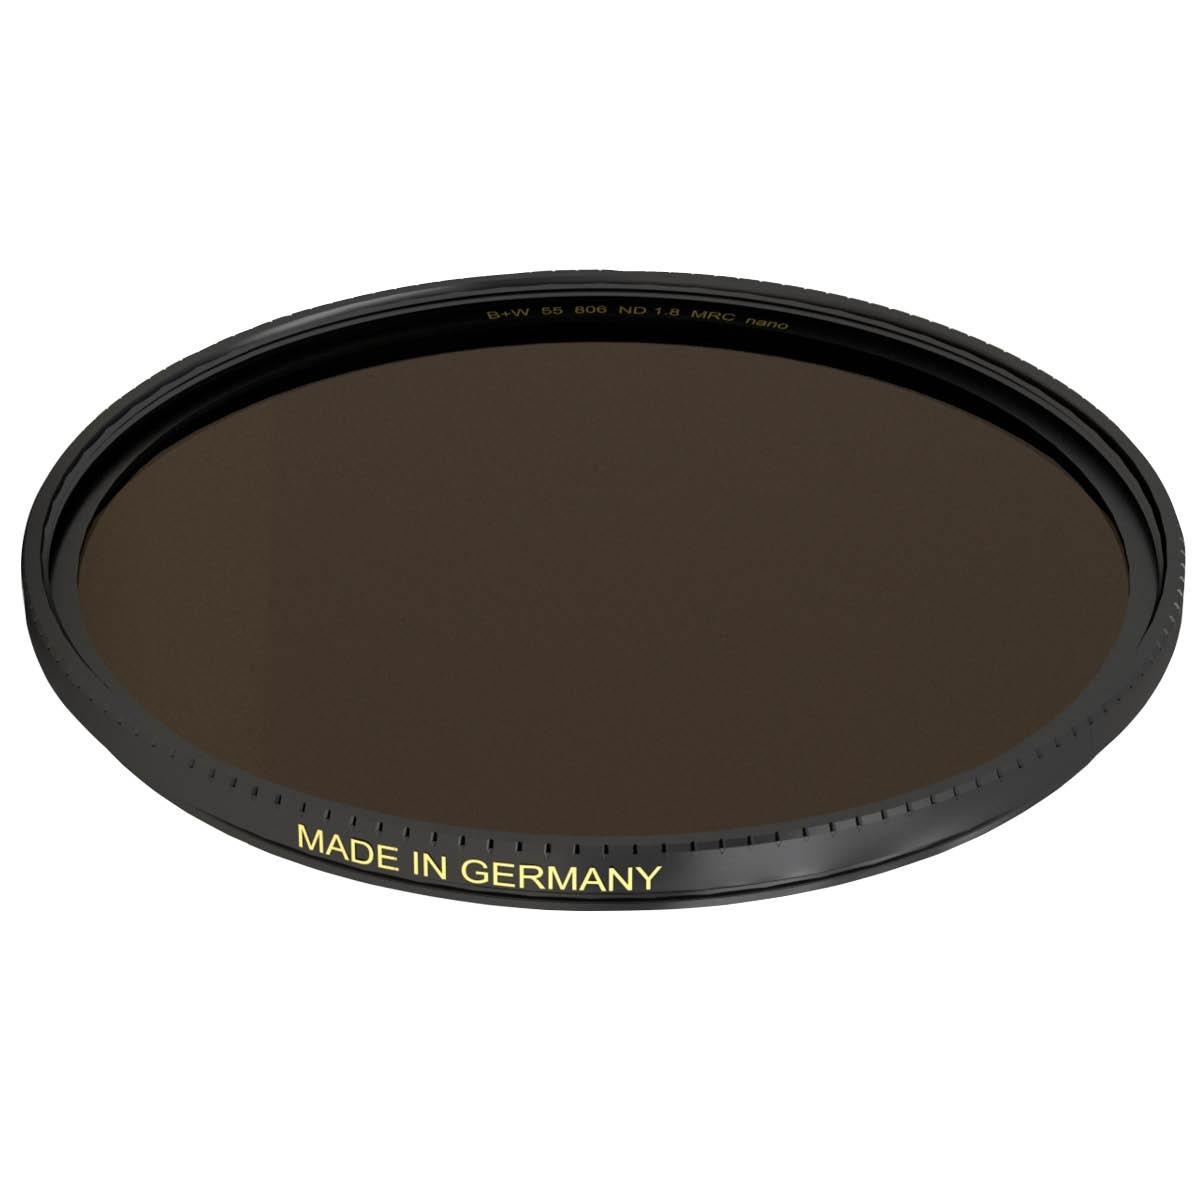 B+W Graufilter 62 mm XS-Pro +6